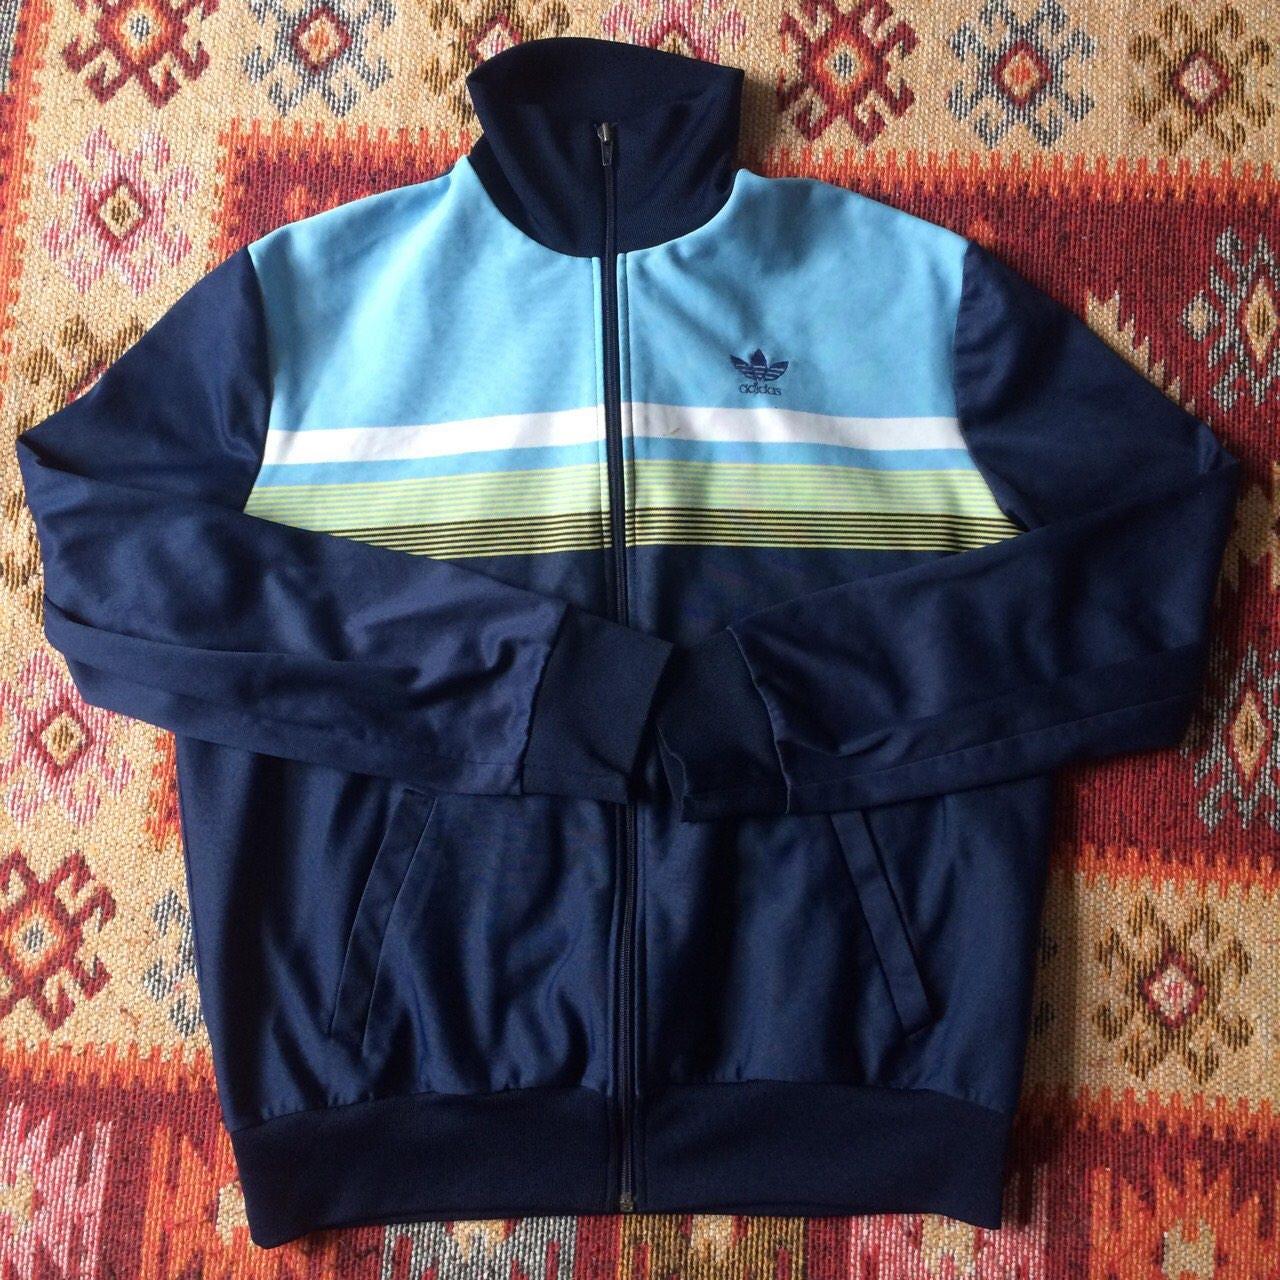 Vintage Adidas track suit jacket